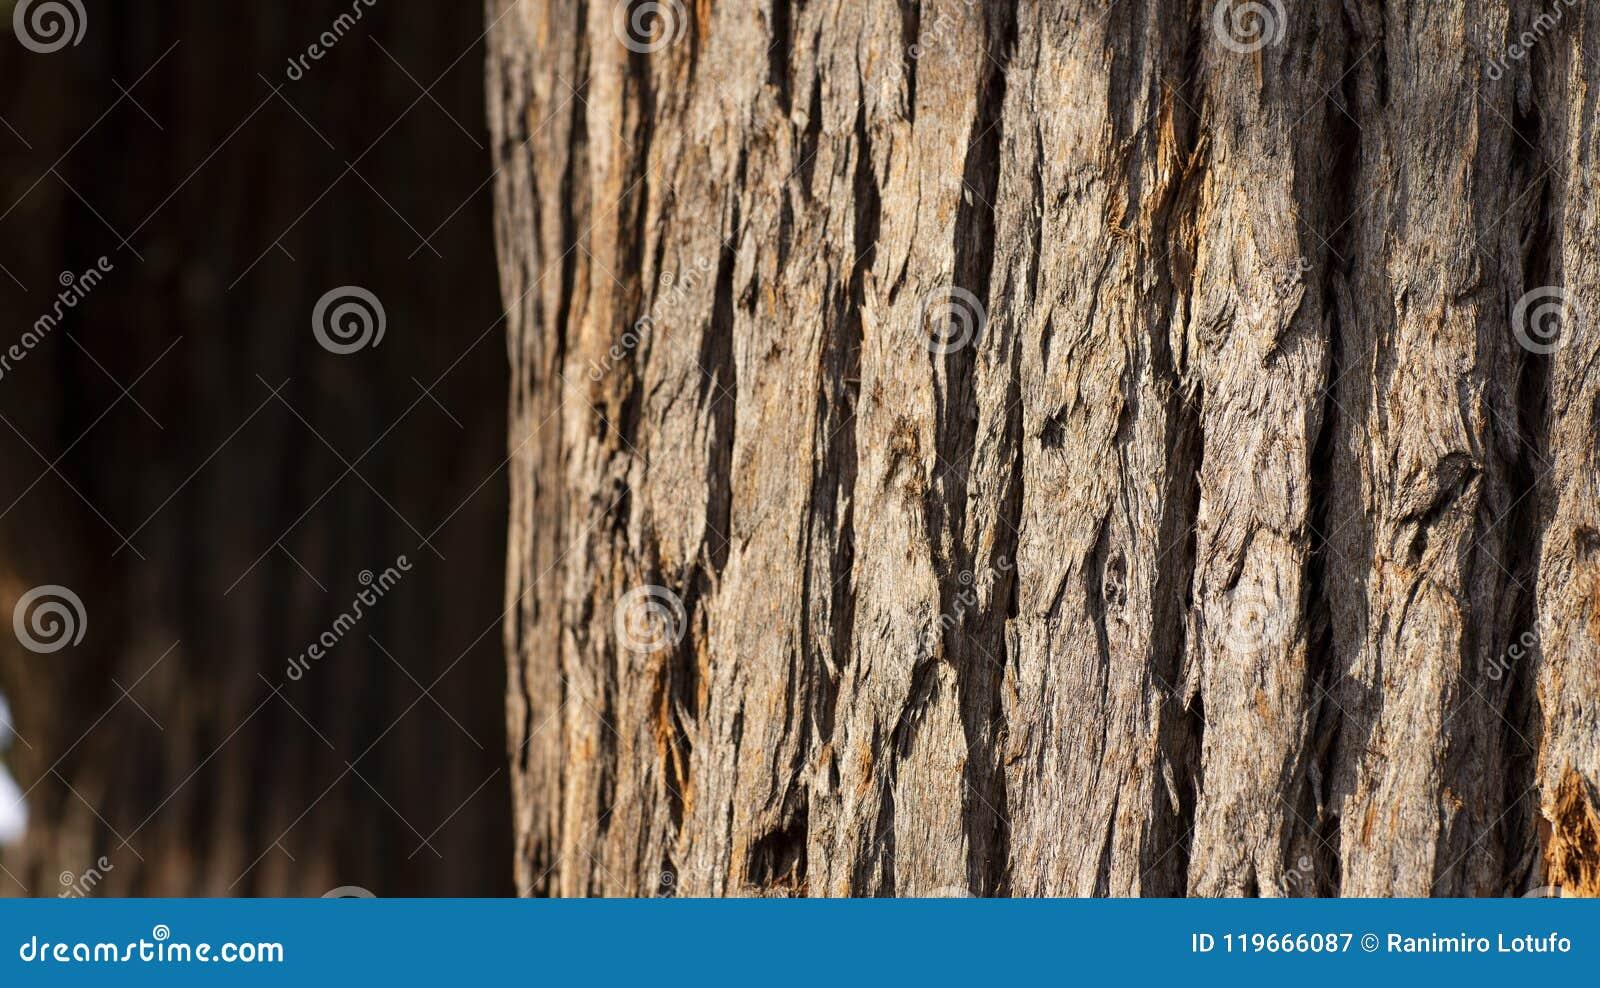 Chiuda su del tronco di albero e della sua corteccia strutturata